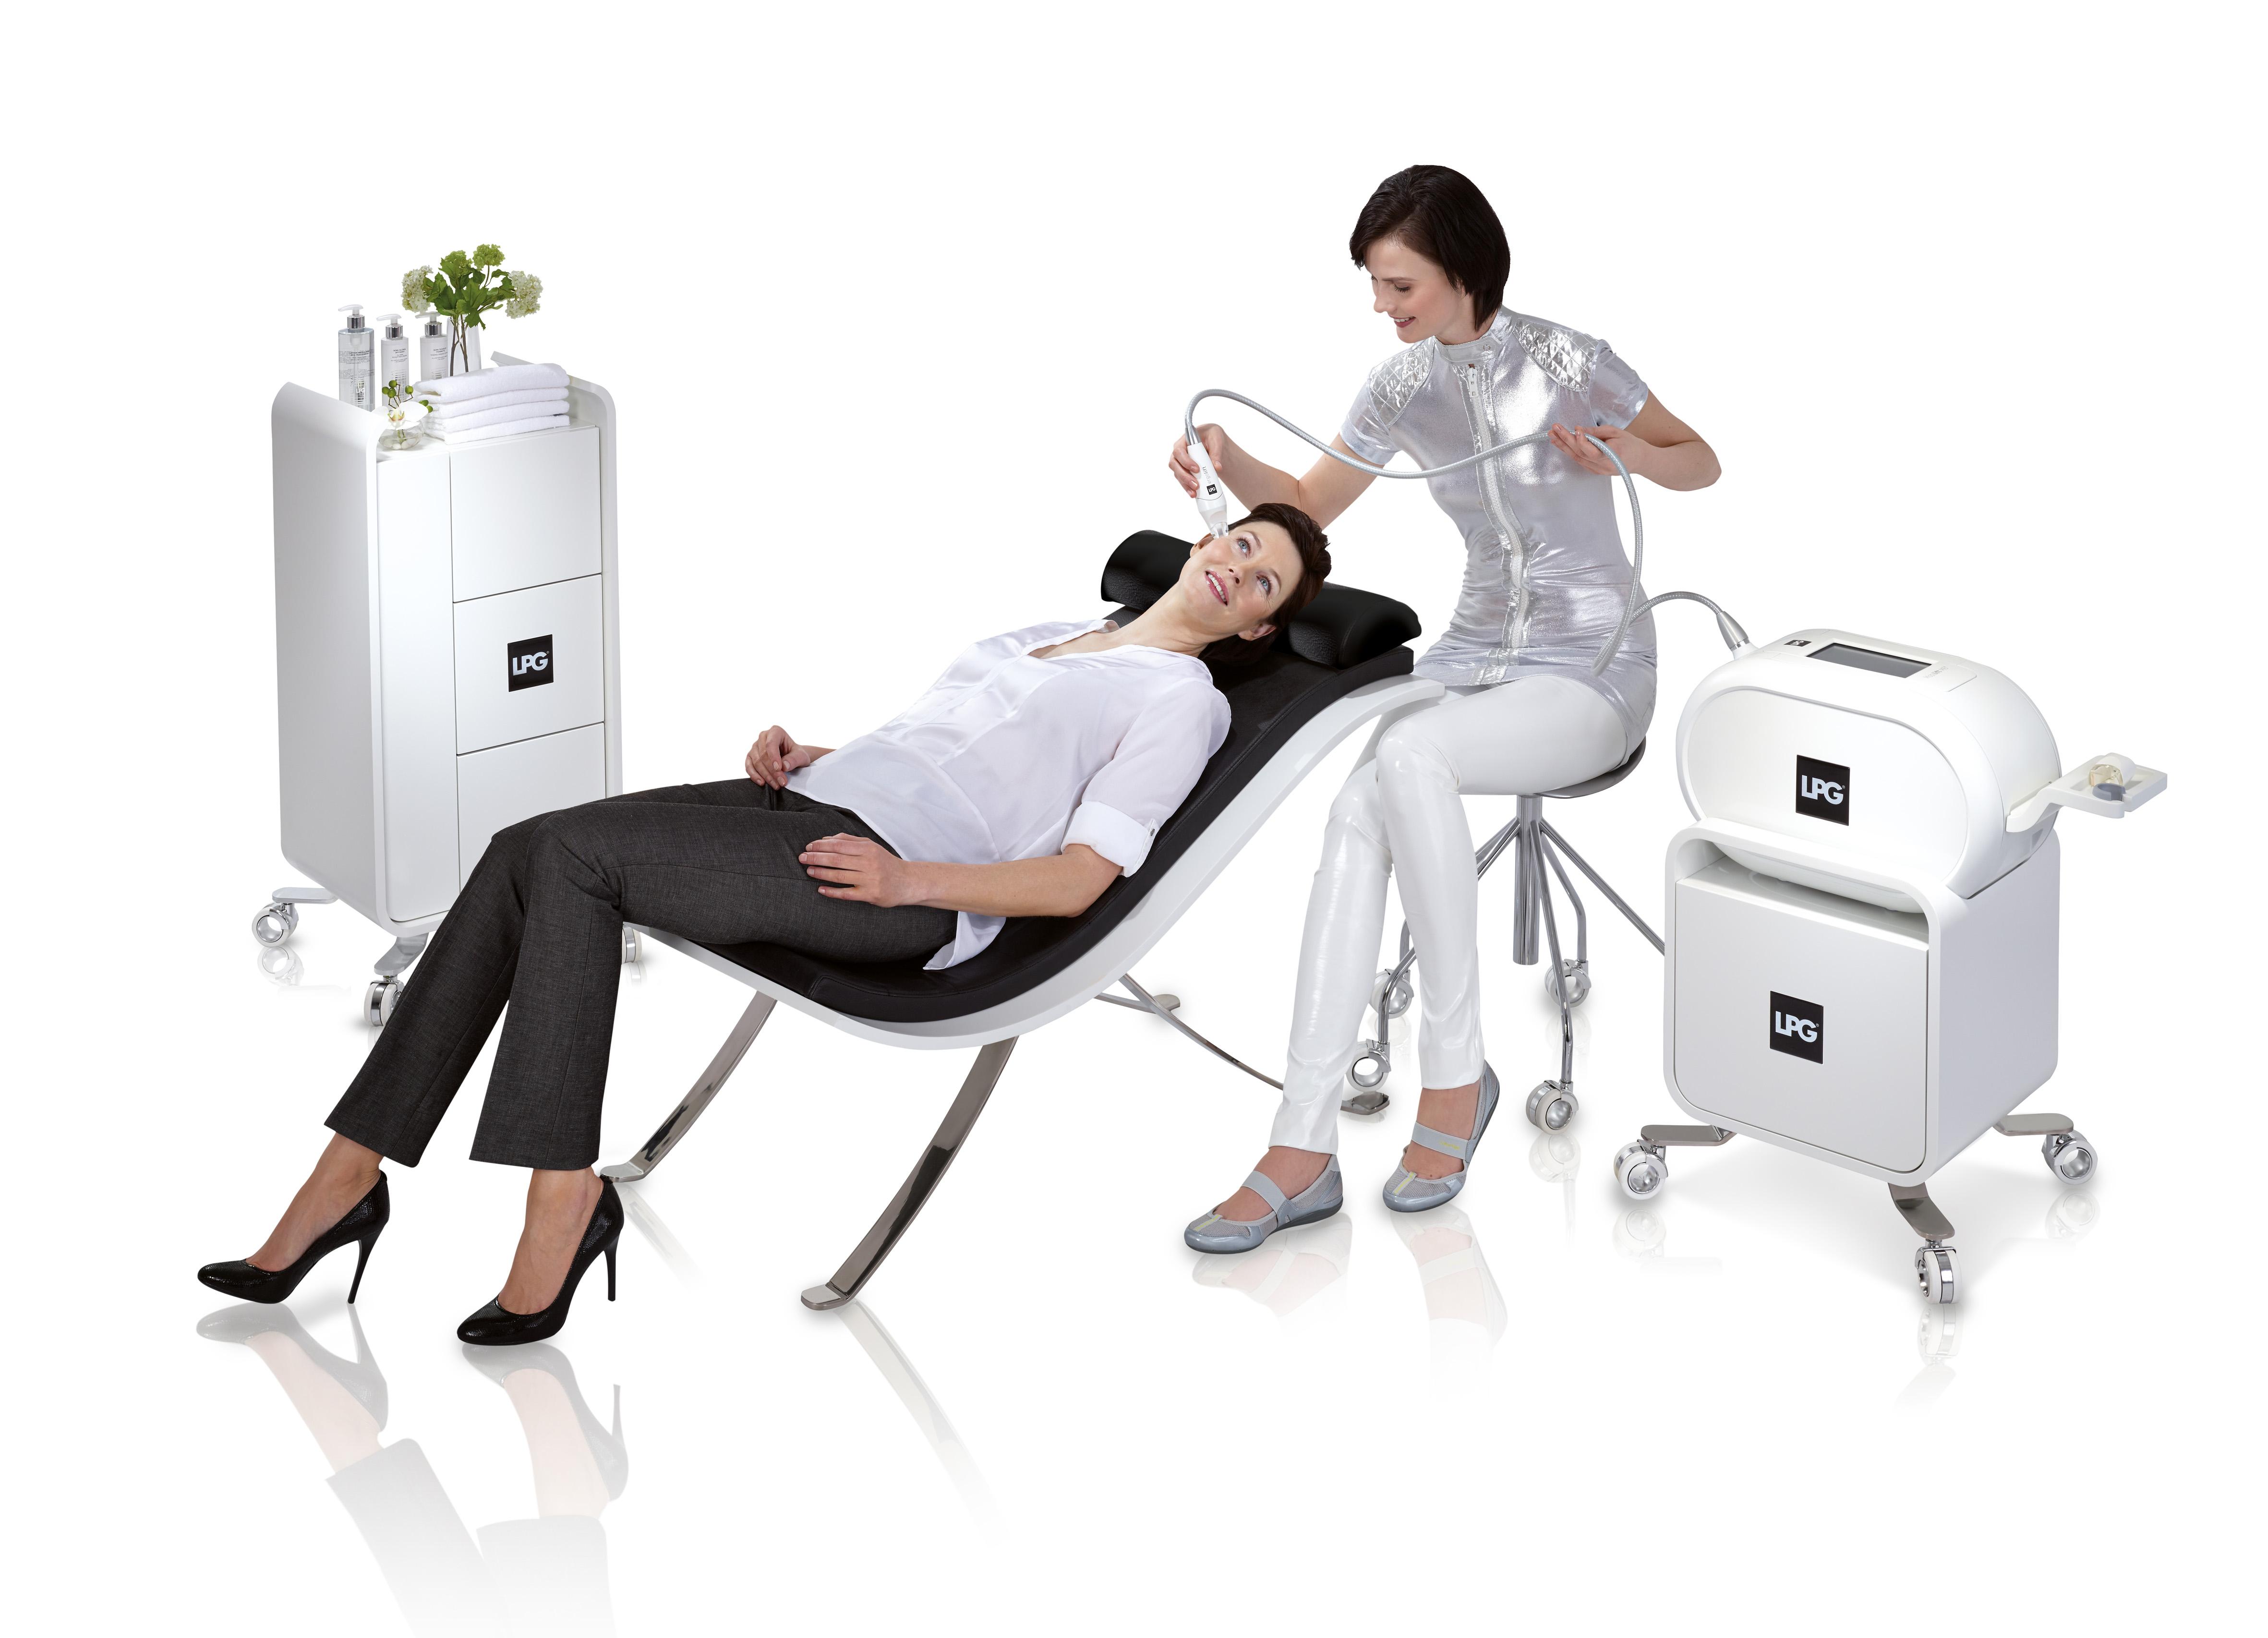 法国美颜仪LPG(Mobilift) 抗衰 面部提升 紧致